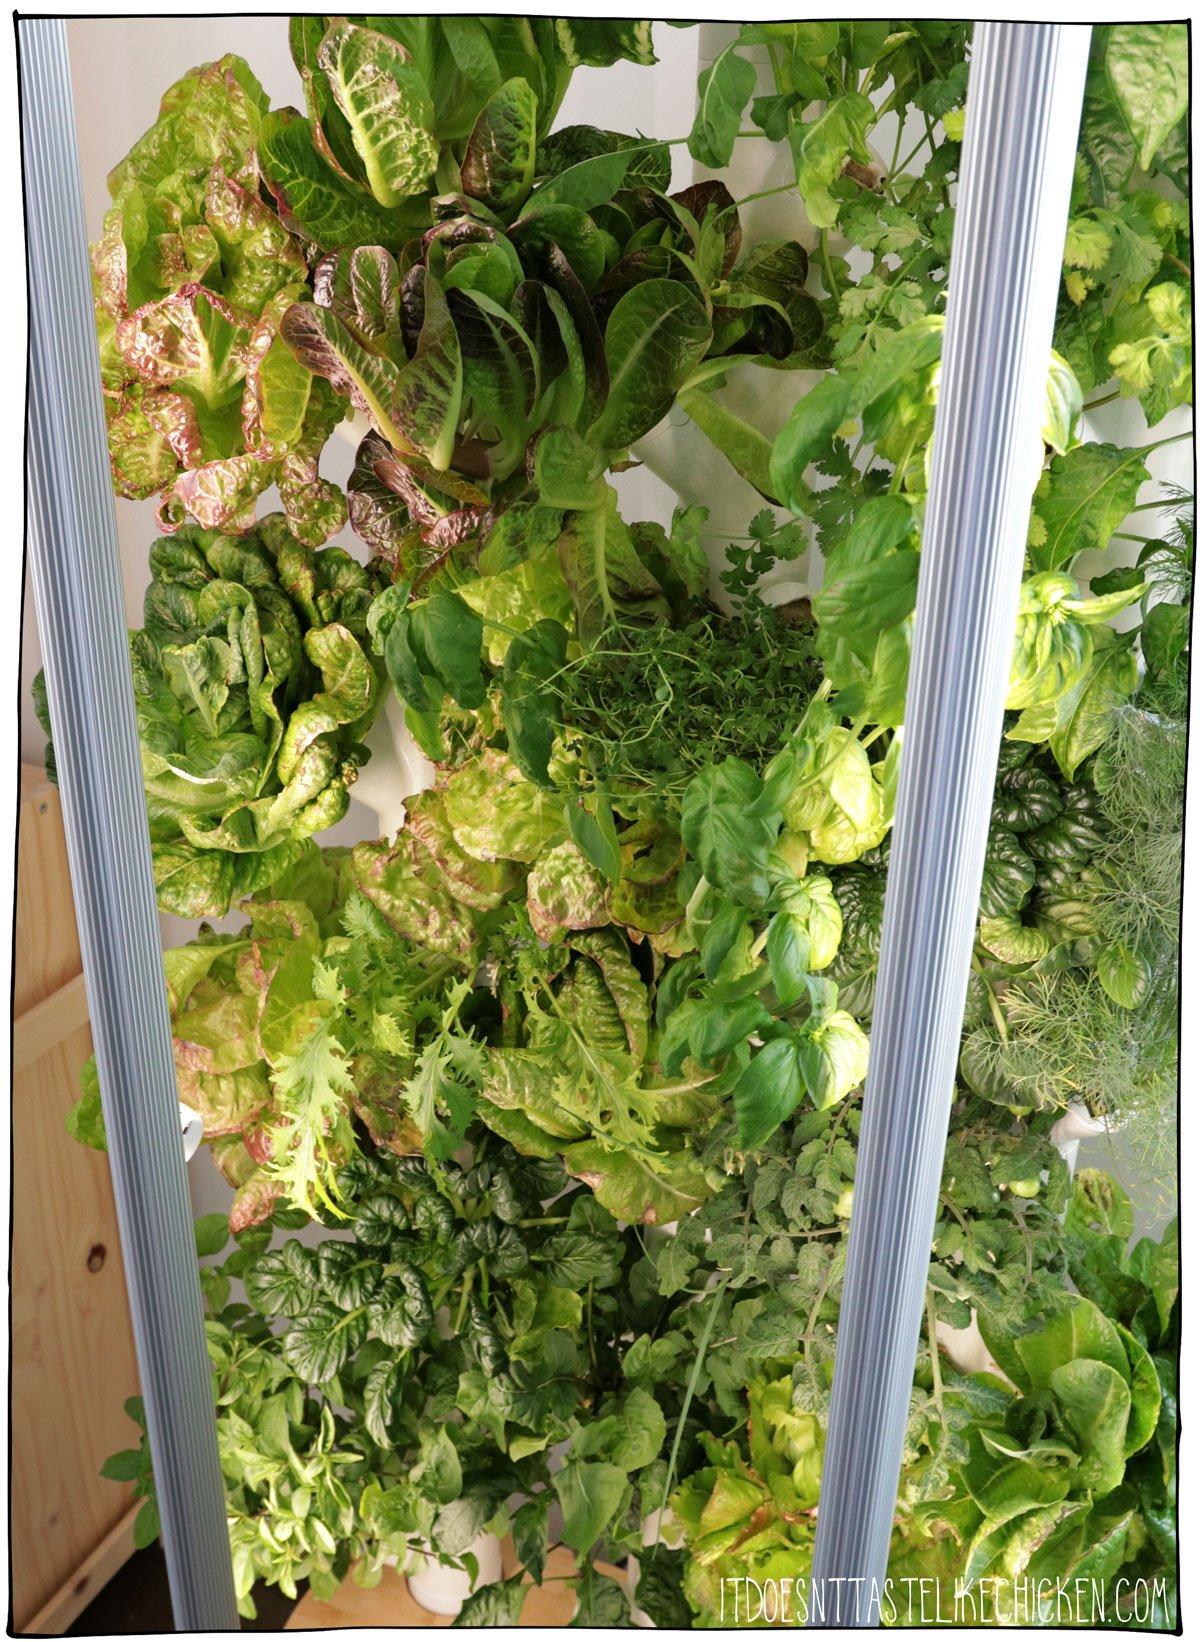 Indoor garden with lettuce, and herbs. The easiest veggie garden to grow, love my Gardyn!